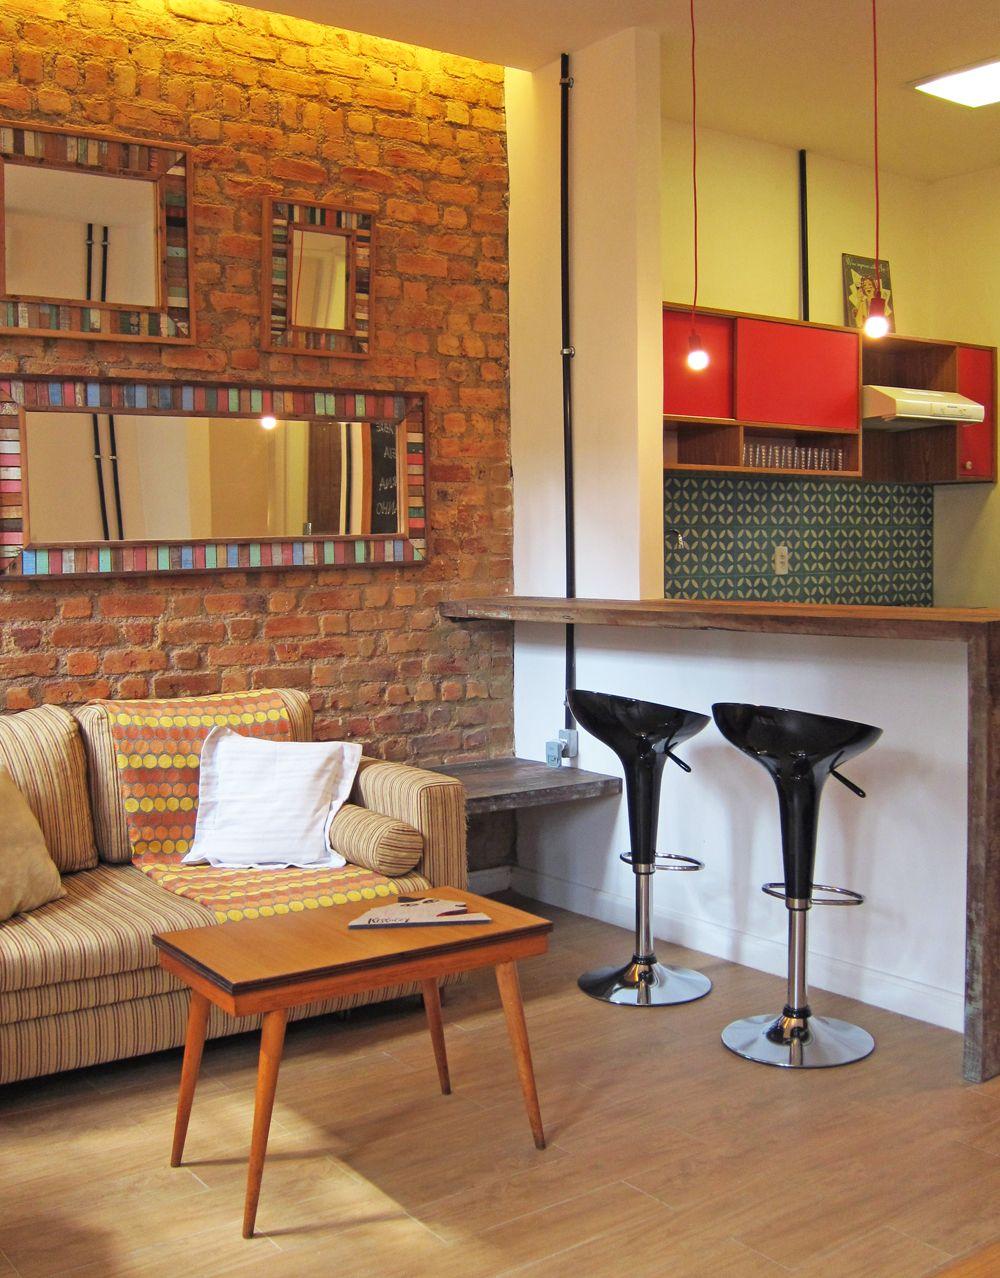 Uma casa de vila retrô. Veja: http://casadevalentina.com.br/projetos/detalhes/casa-de-vila-com-perfume-retro-566 #decor #decoracao #interior #design #casa #home #house #idea #ideia #detalhes #details #style #estilo #casadevalentina